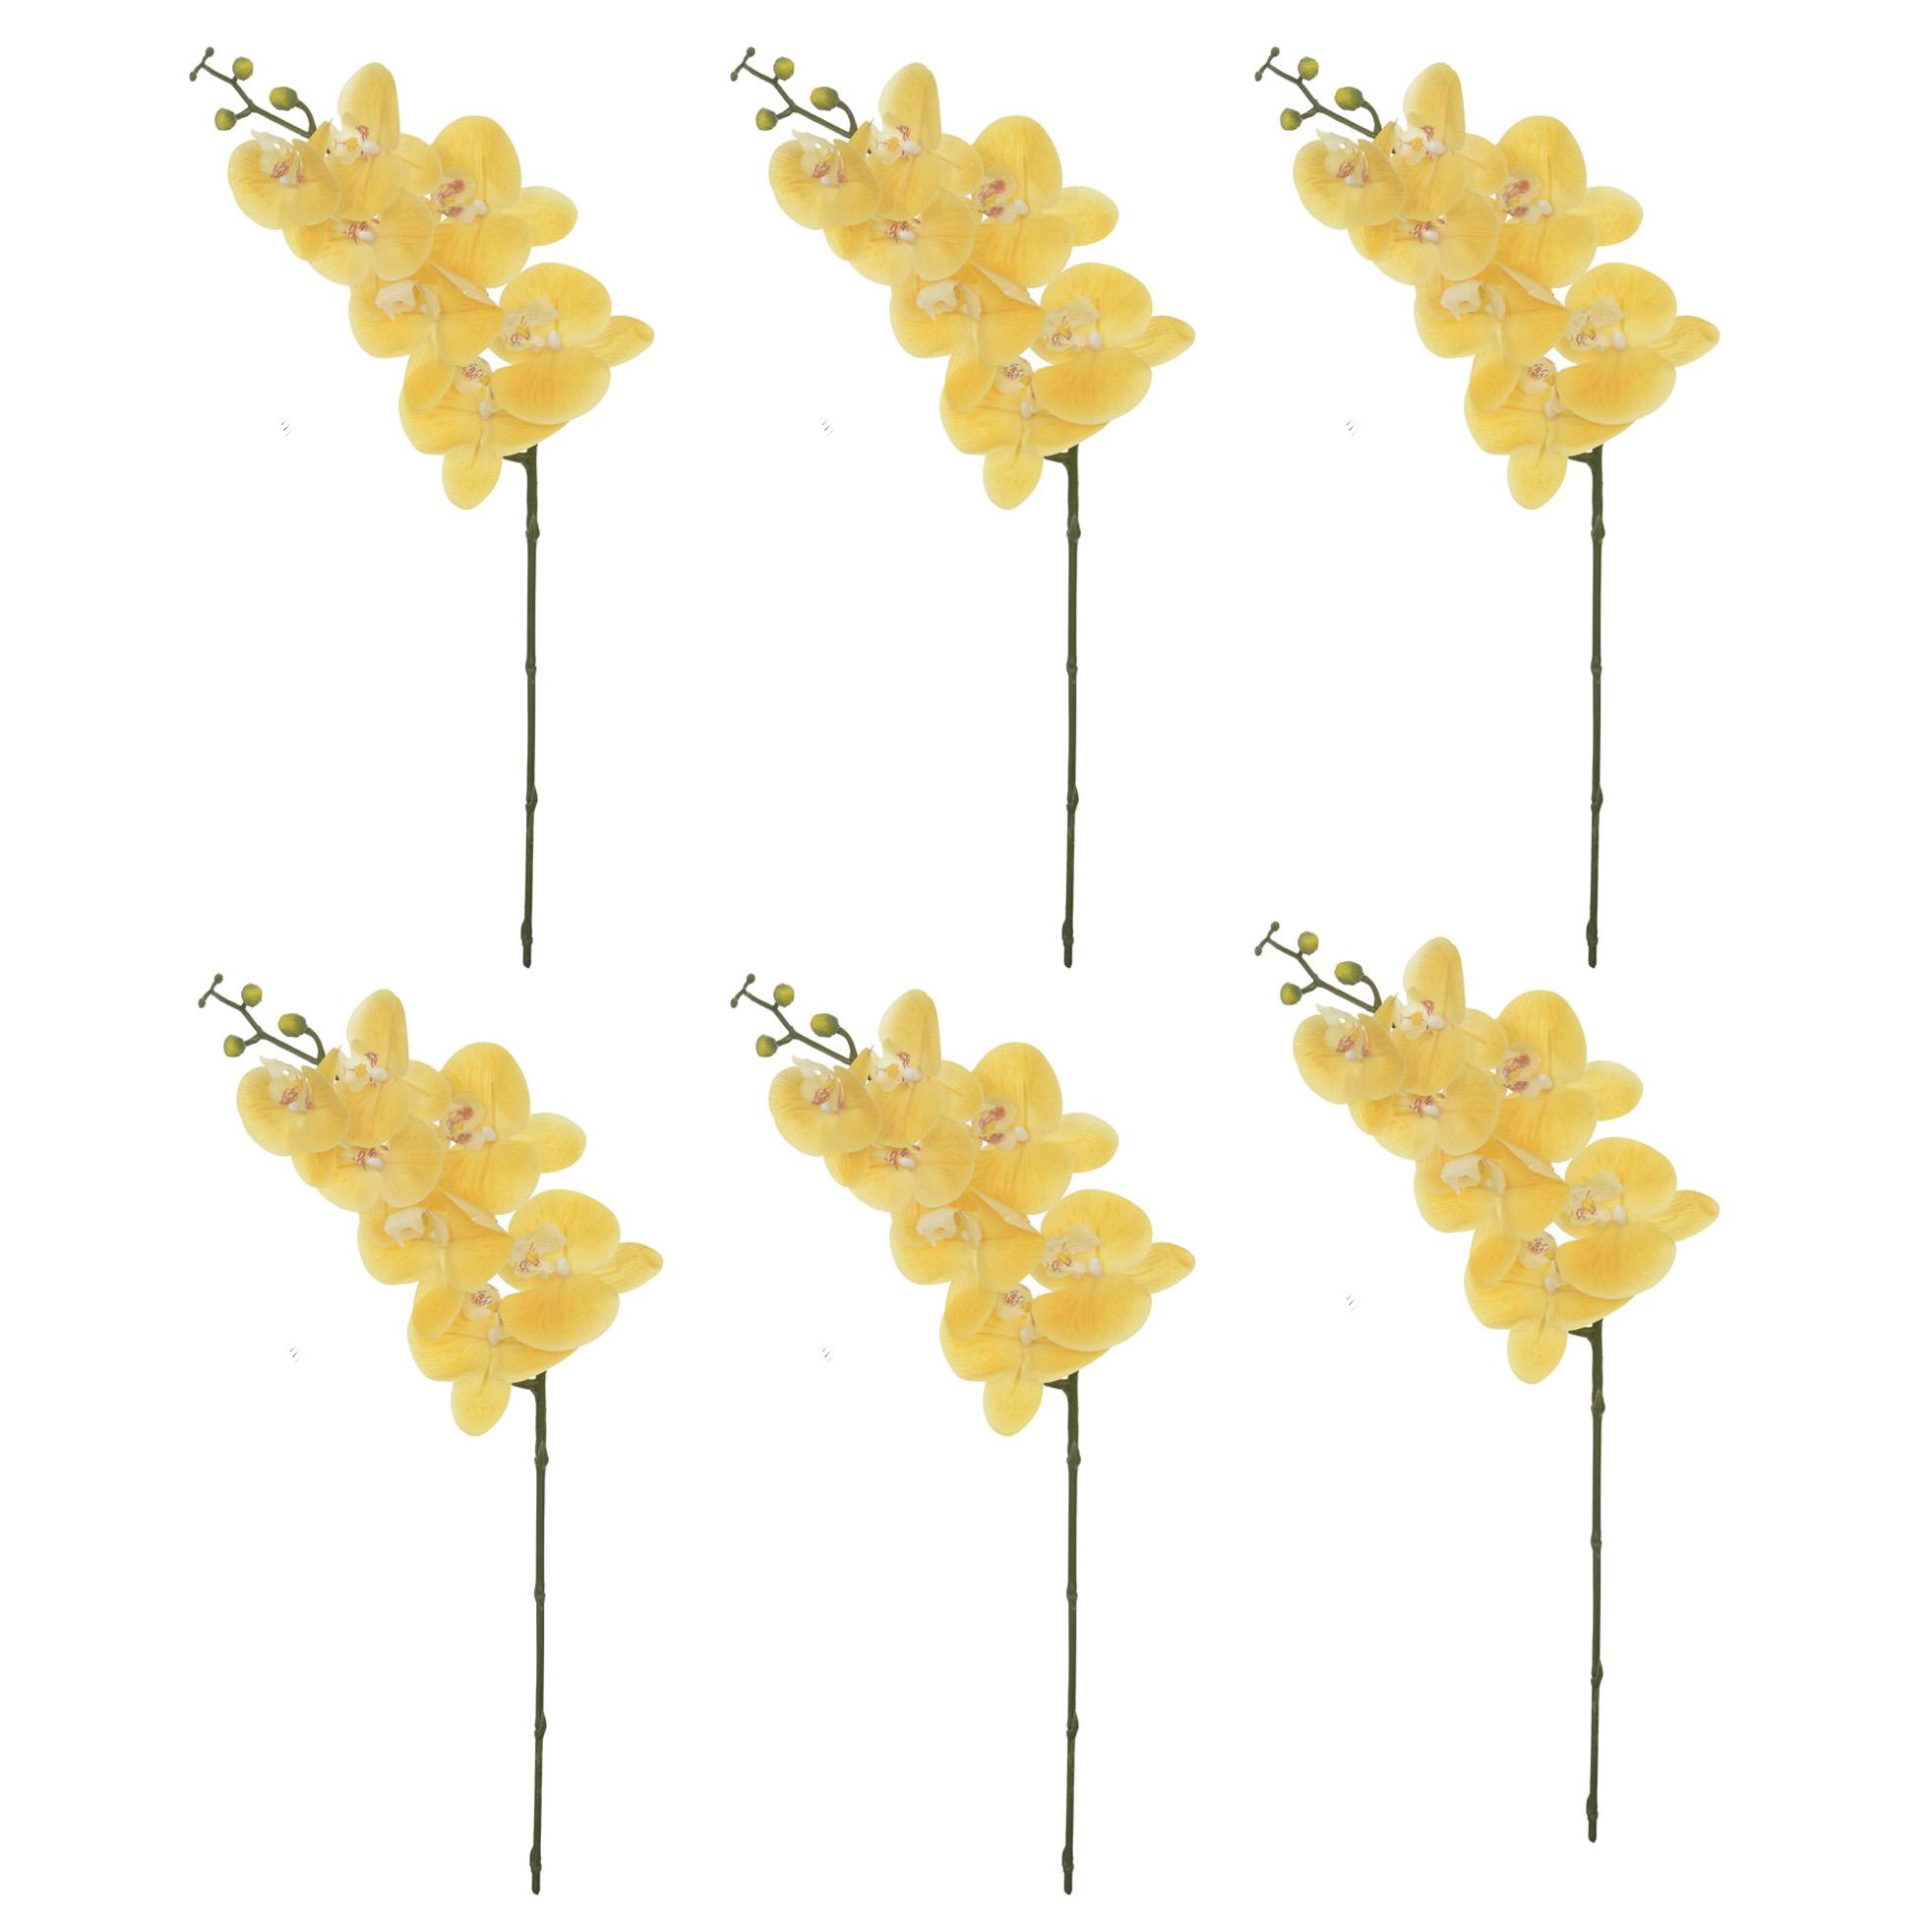 Flor Artificial Orquídea de Silicone Amarela - Kit com 12 hastes | Formosinha